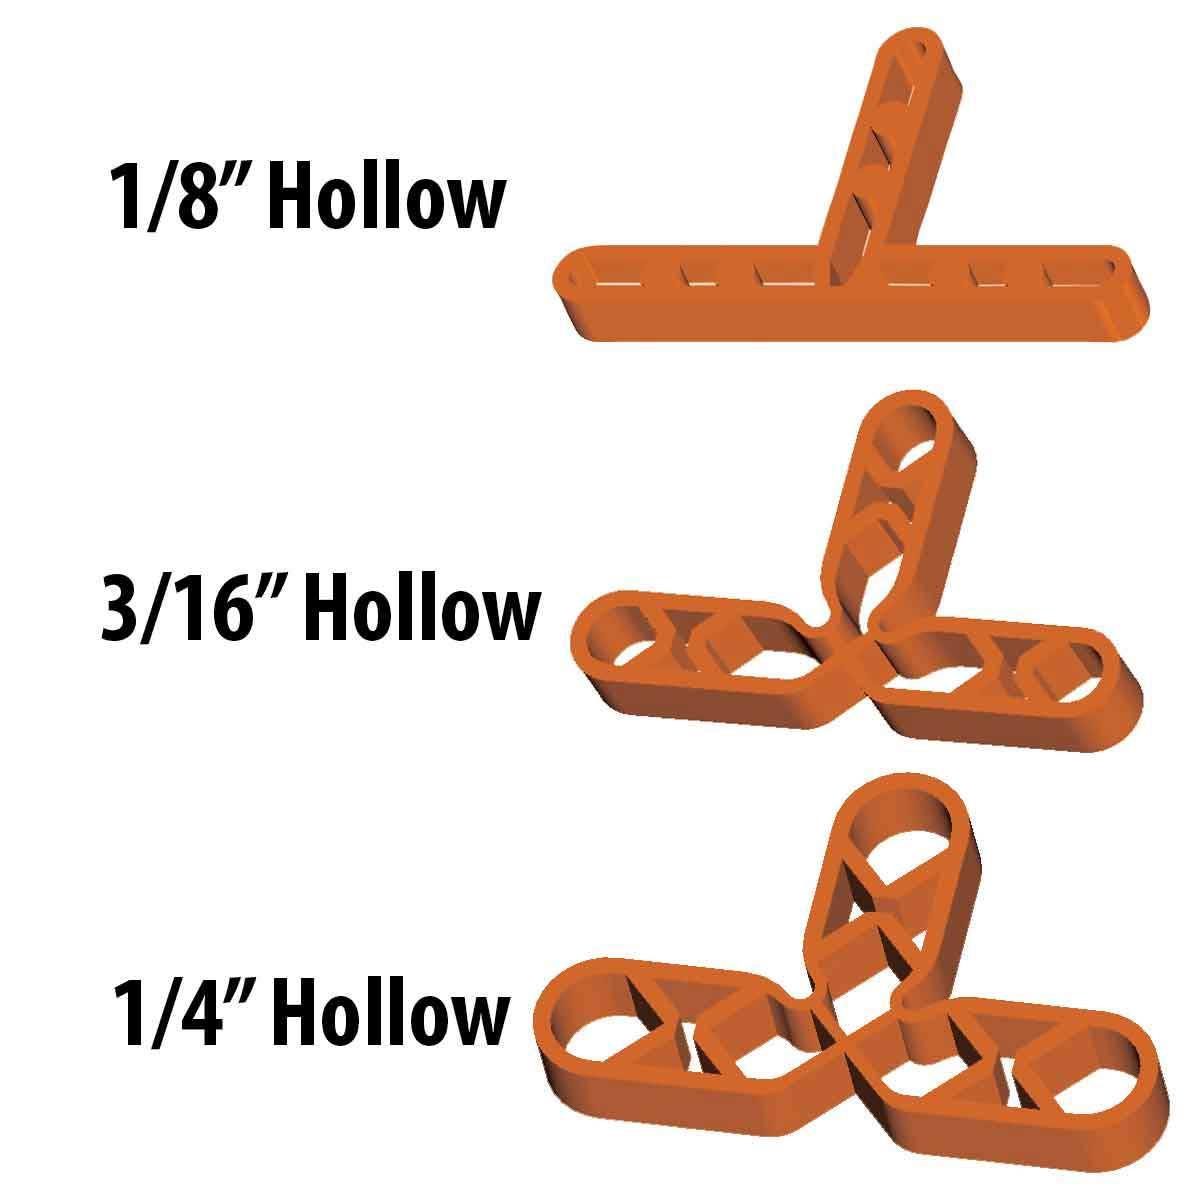 Barwalt Hollow Leave-In T Spacers